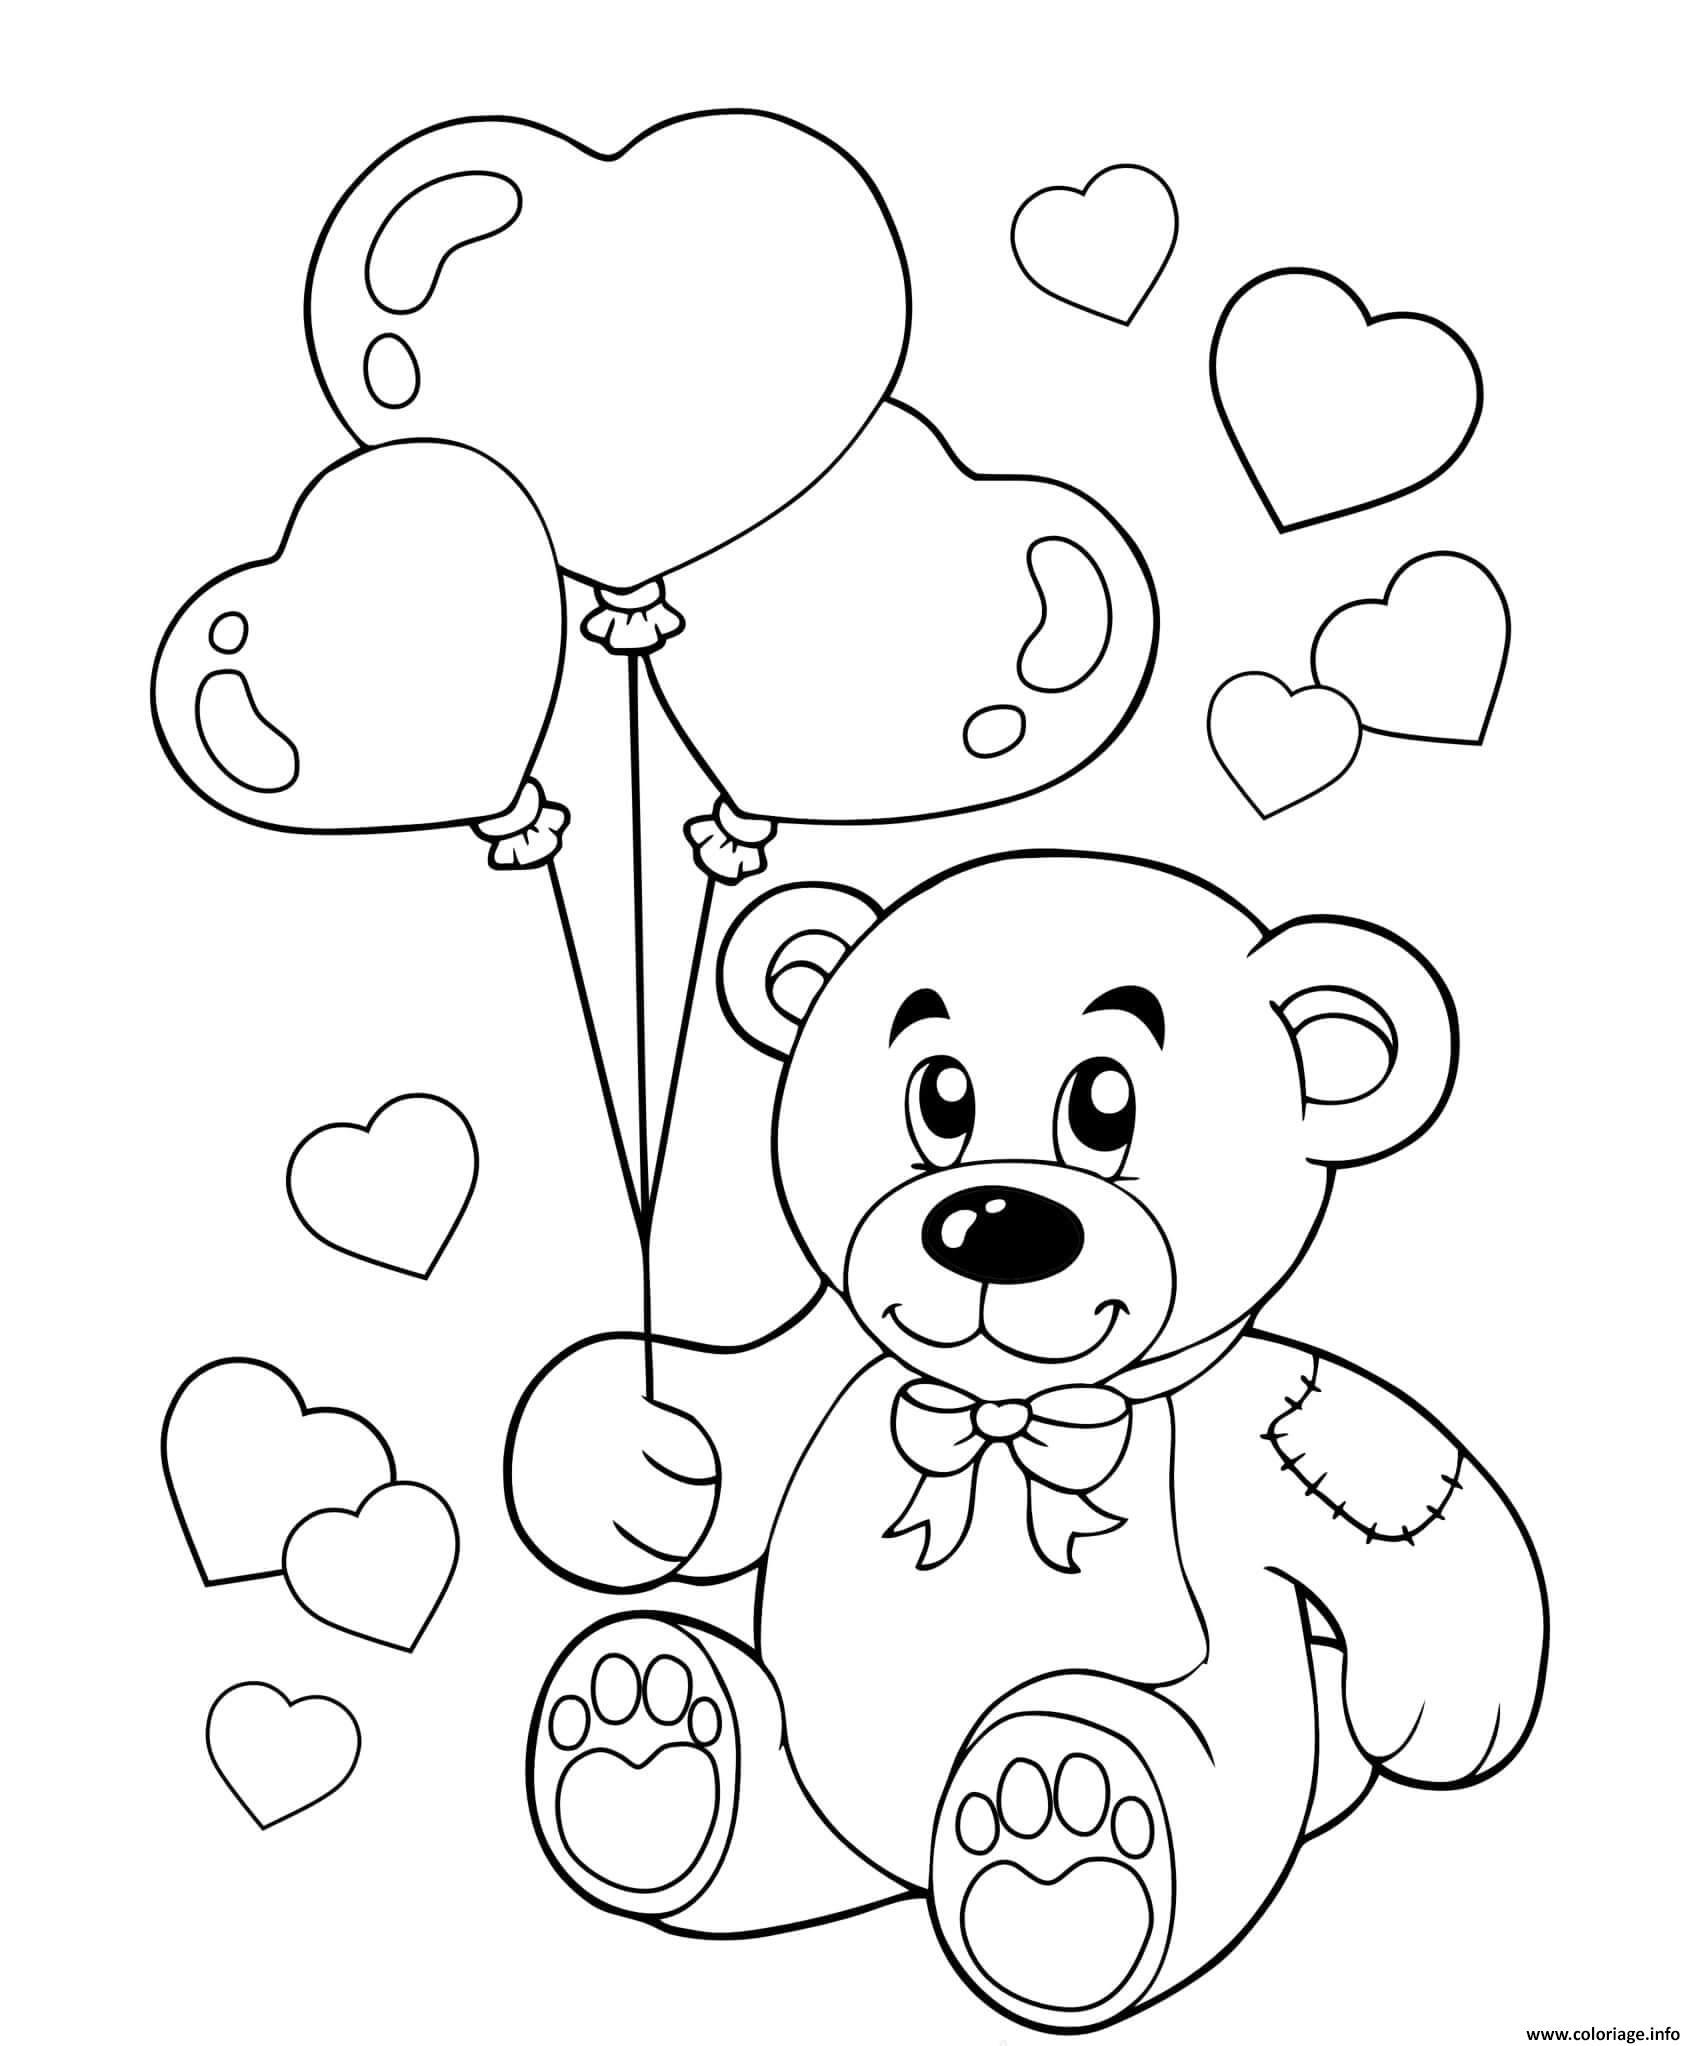 Dessin ours en peluche avec des ballons en forme de coeurs Coloriage Gratuit à Imprimer